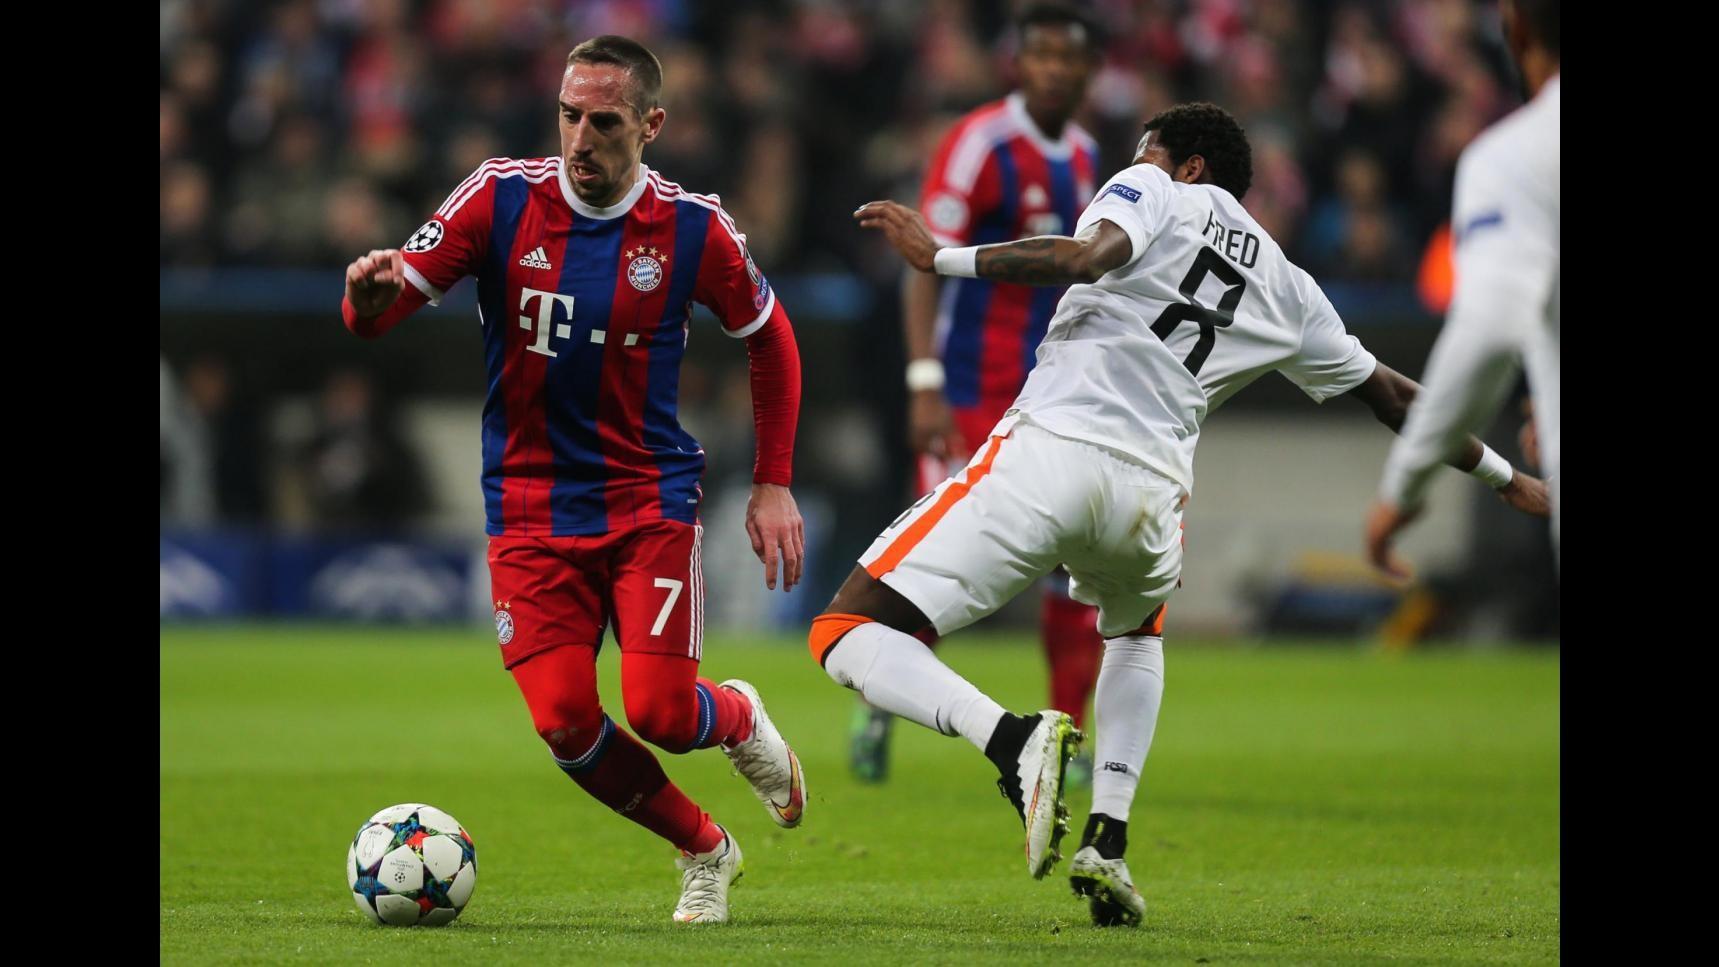 Calcio, Ribery: Assenza per infortunio periodo più duro mia carriera